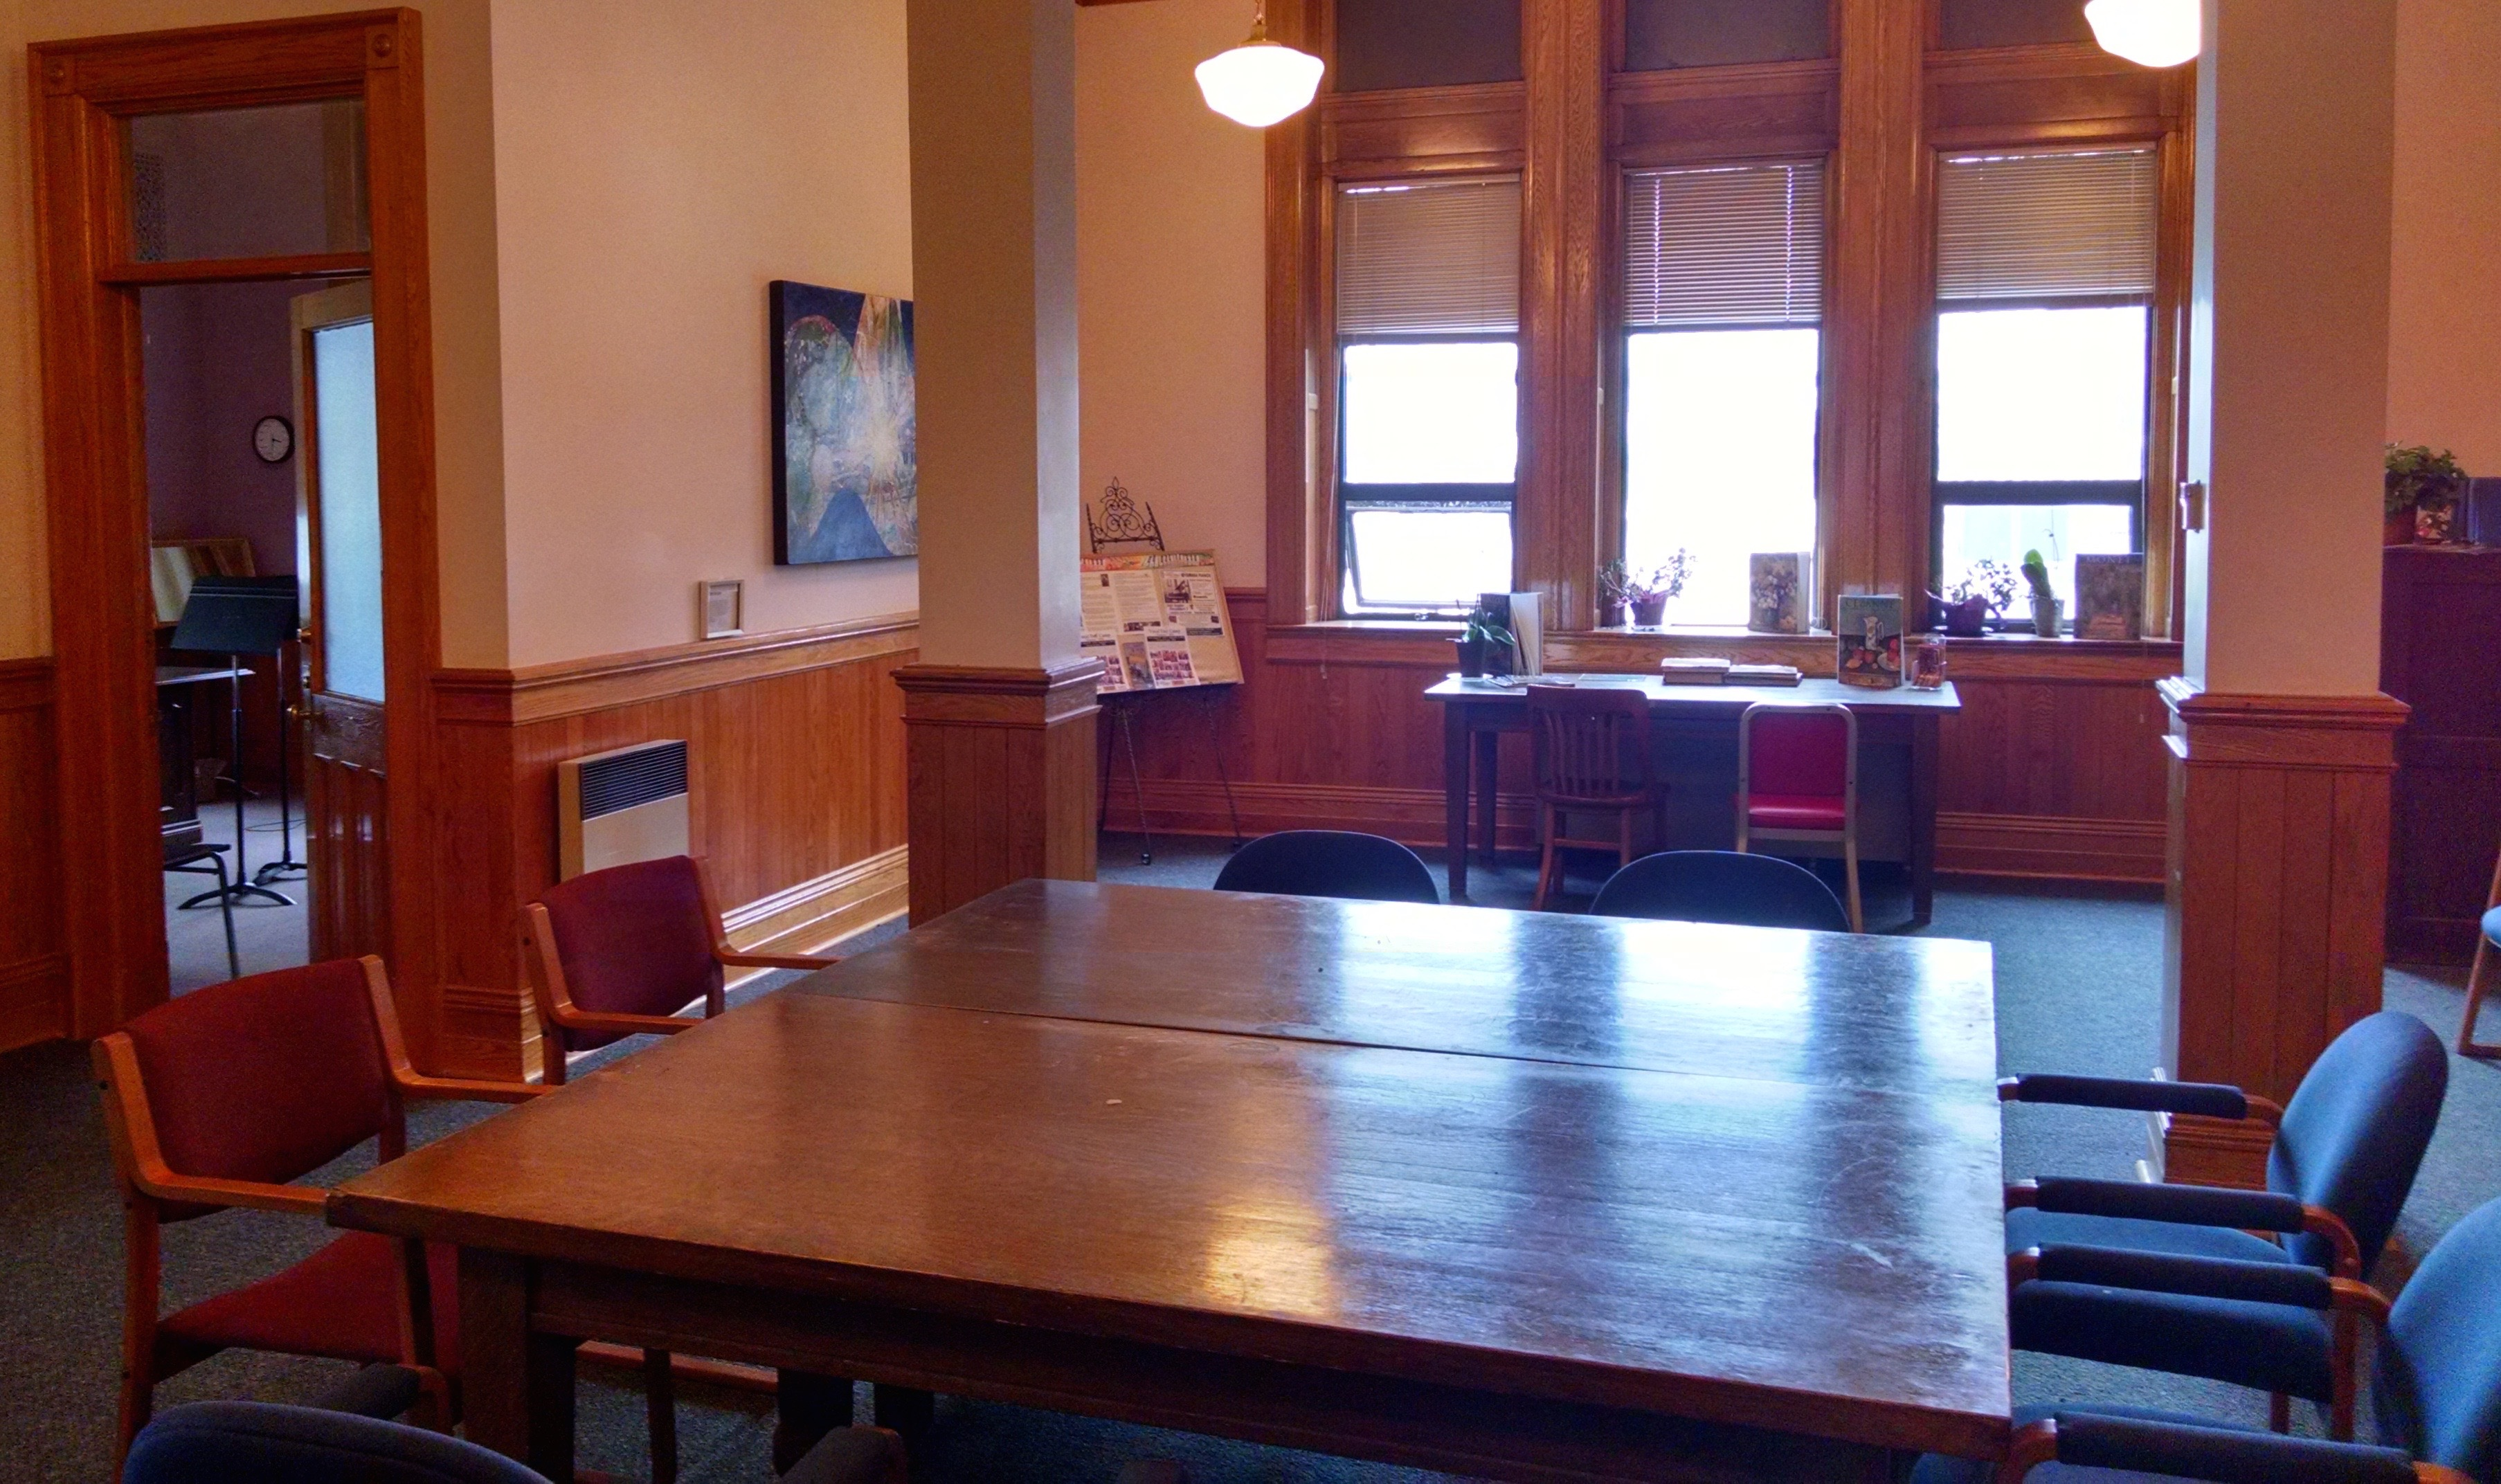 Vue en direction ouest dans la salle d'attente du Conservatoire de musique d'Algoma. Photo prise de la porte d'entrée. Grosses poutres de support au centre de la salle. Large fenêtre directement en face. Porte ouverte à gauche donnant sur un studio ou un bureau. Grande table et chaises au centre de la salle.